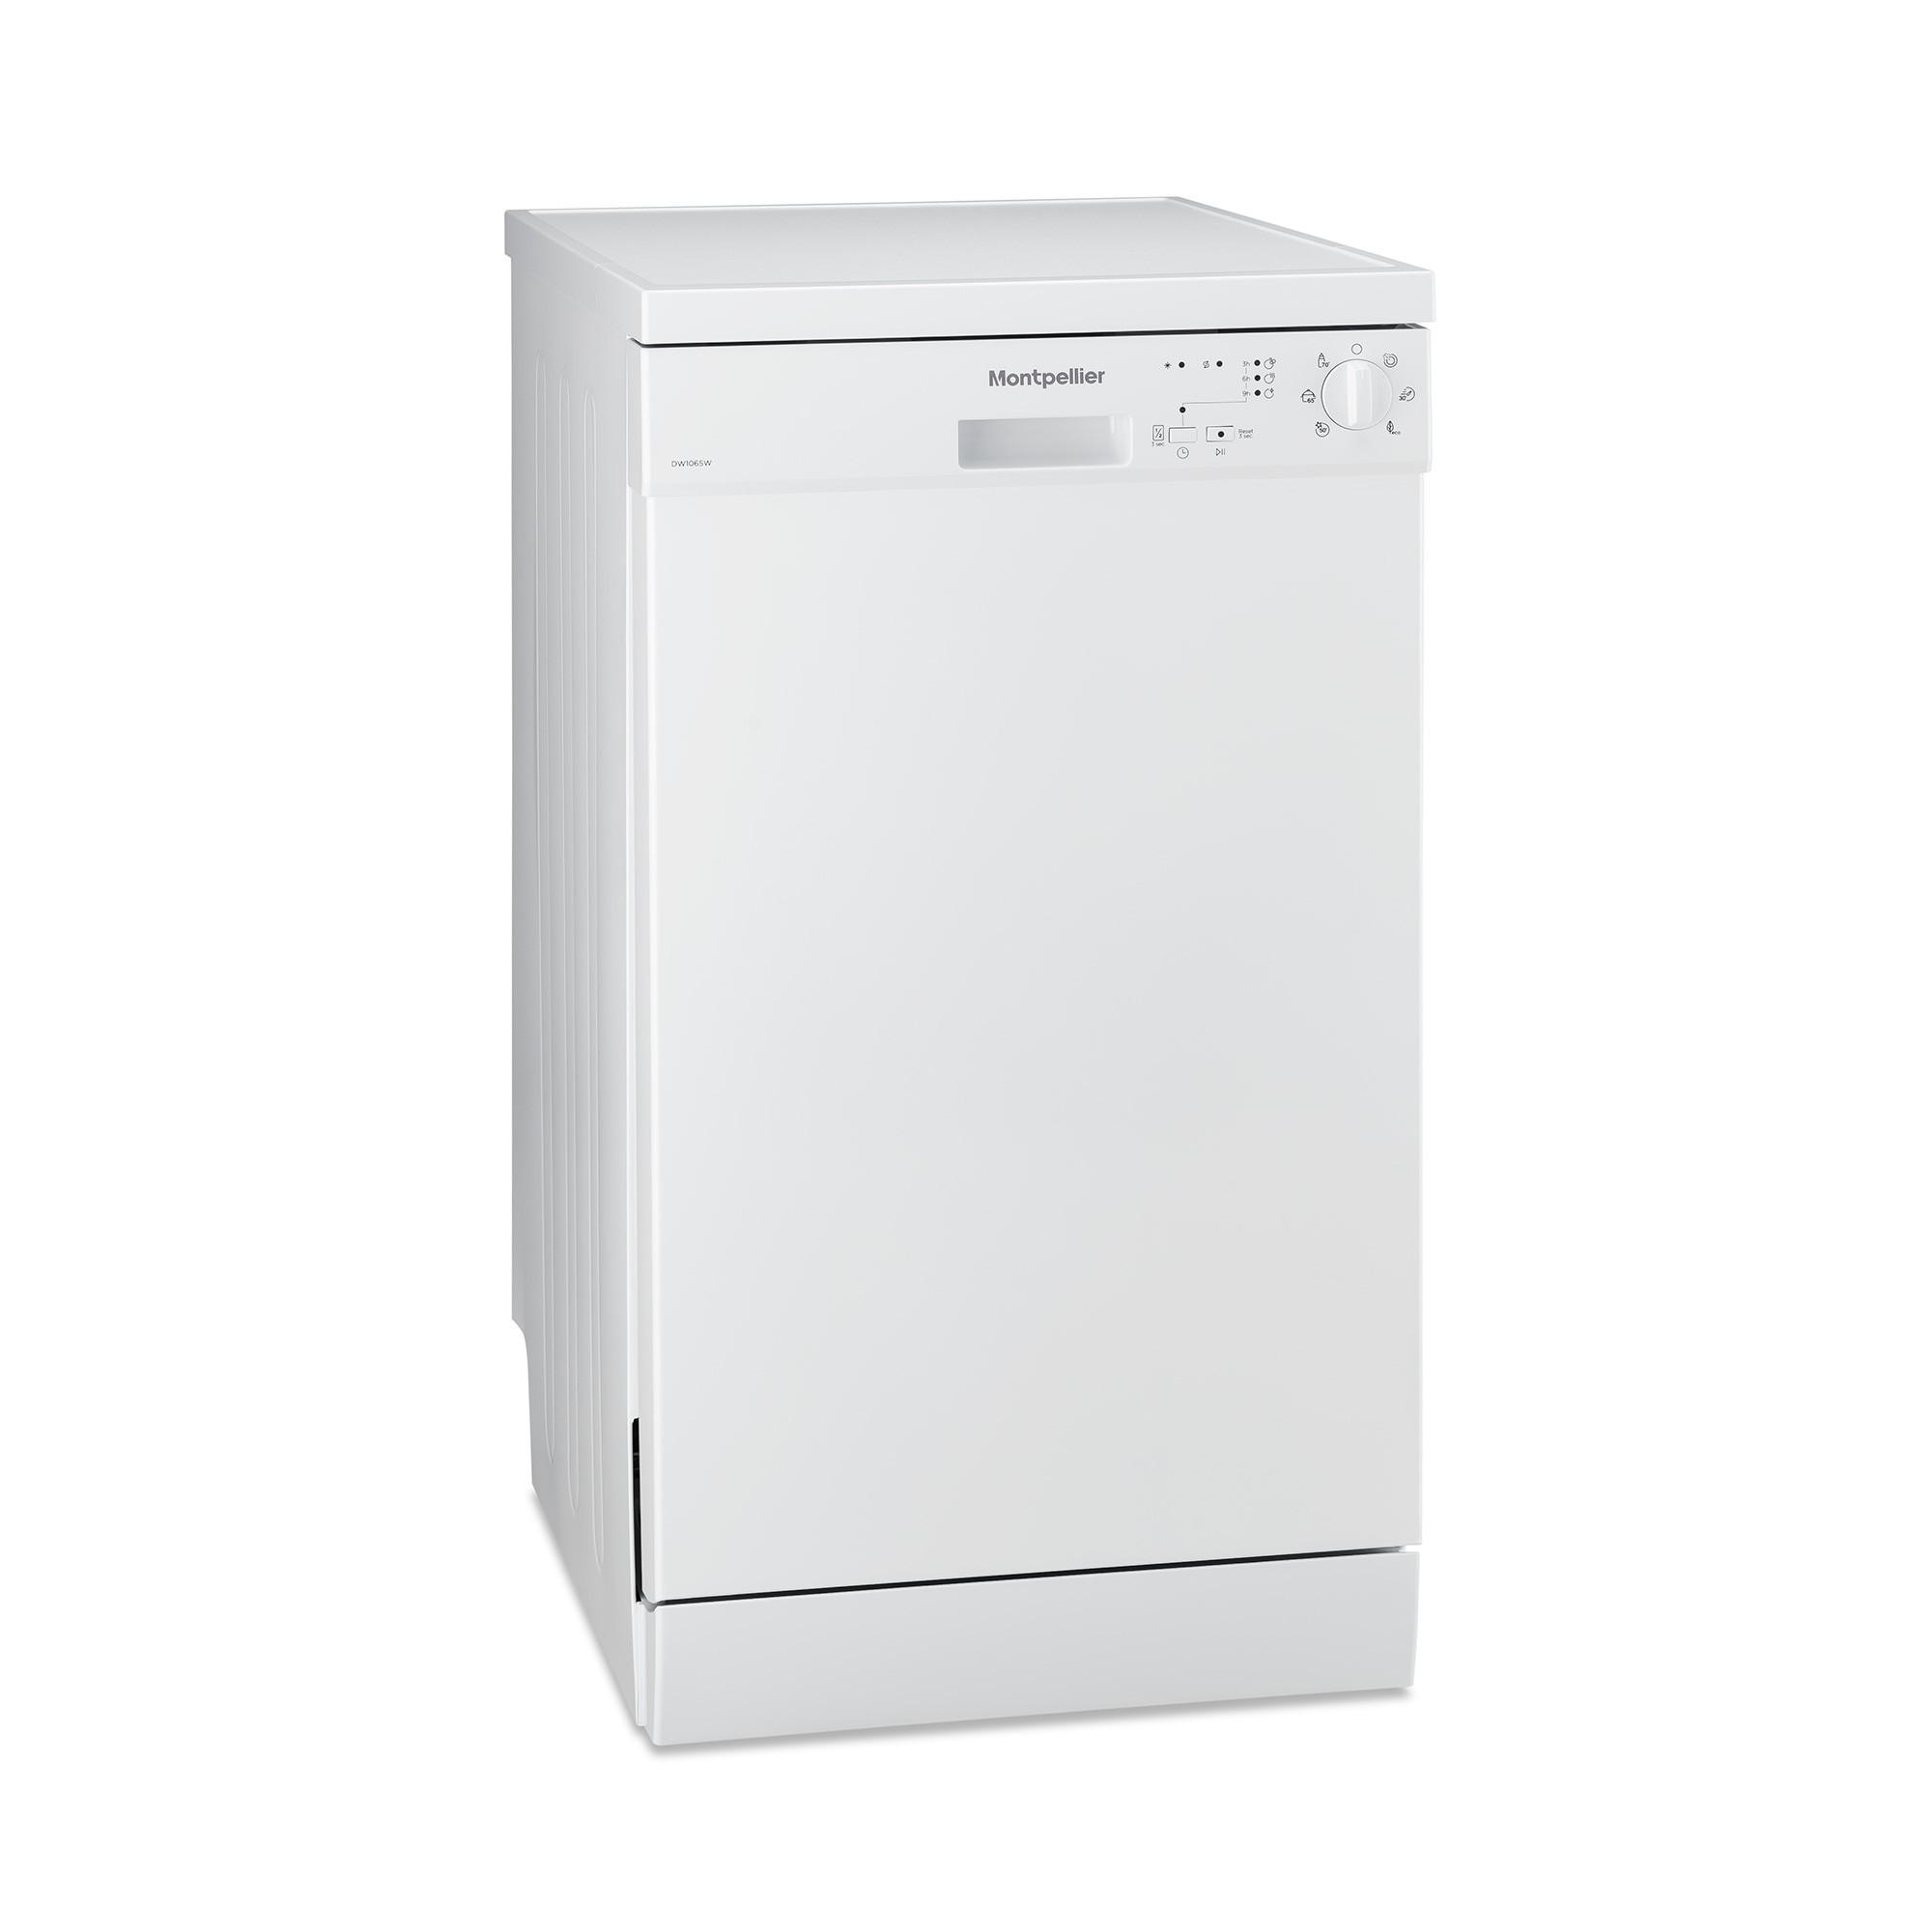 Montpellier DW1065W Slim Line Dishwasher